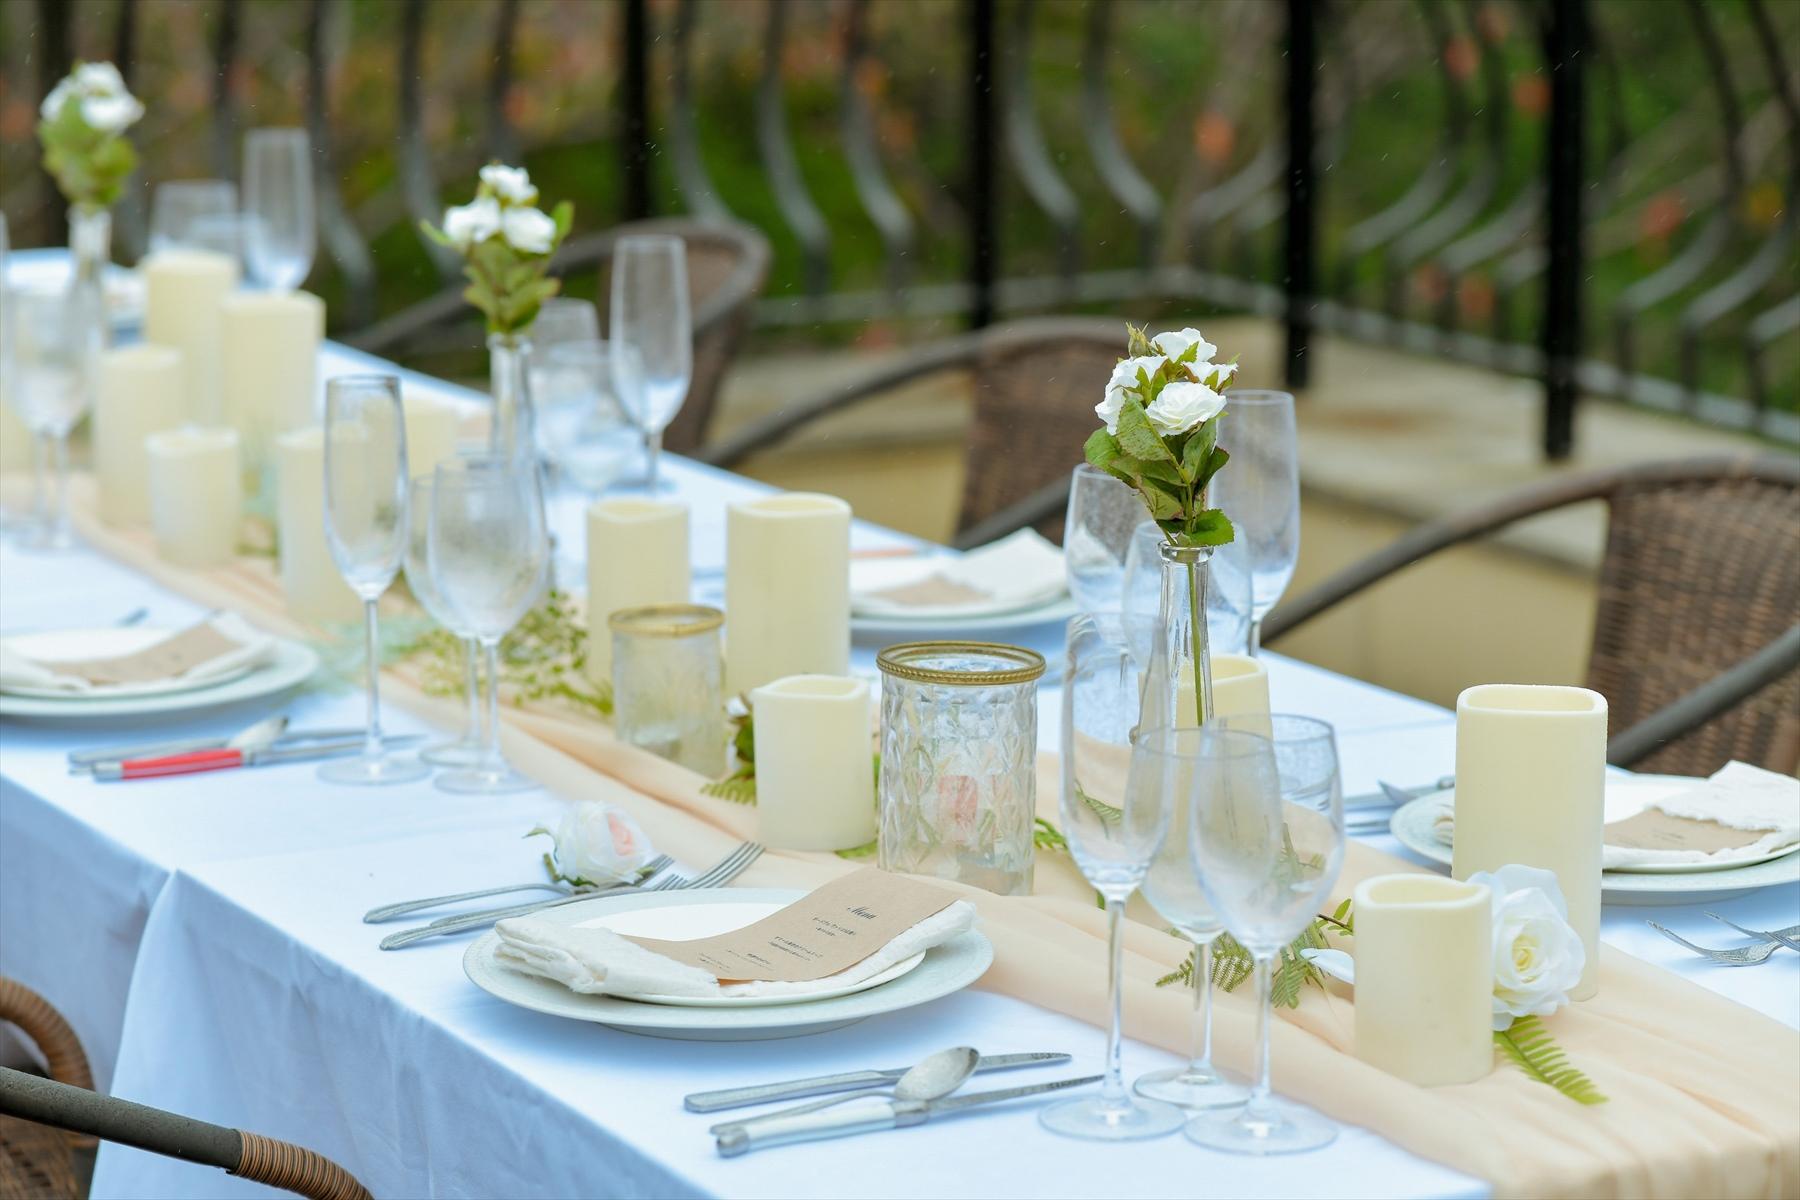 静岡県結婚式 静岡ウェディングパーティー装飾 テーブルセッティング